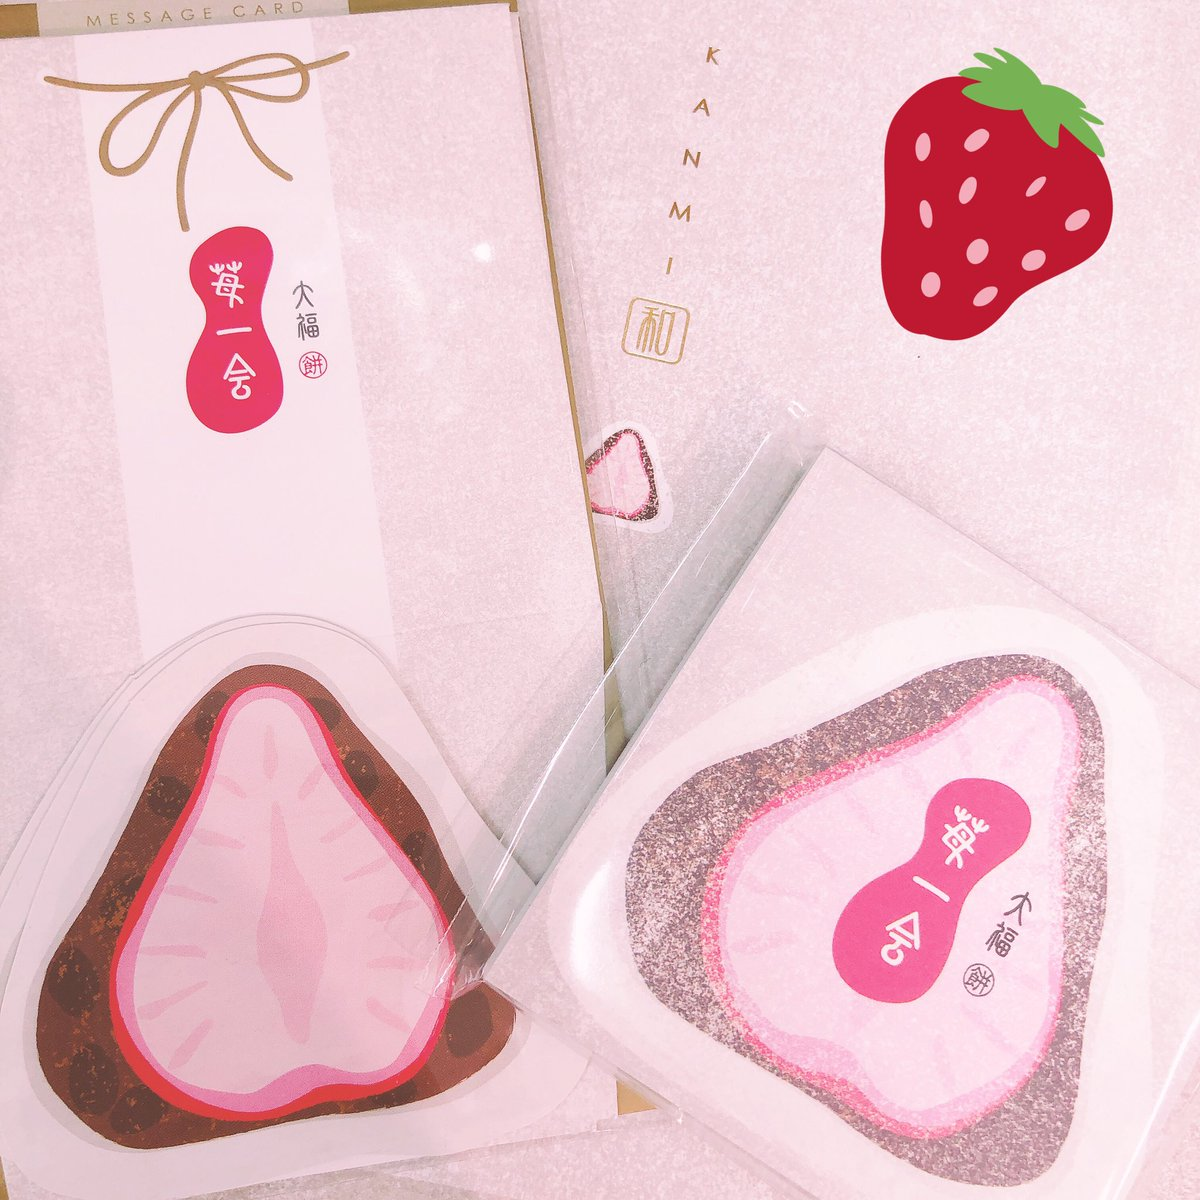 test ツイッターメディア - 和菓子モチーフの文具が可愛かった~。やっぱり苺関係に目がいっちゃう(´∀') #キャンドゥ https://t.co/wcts6ofWbN